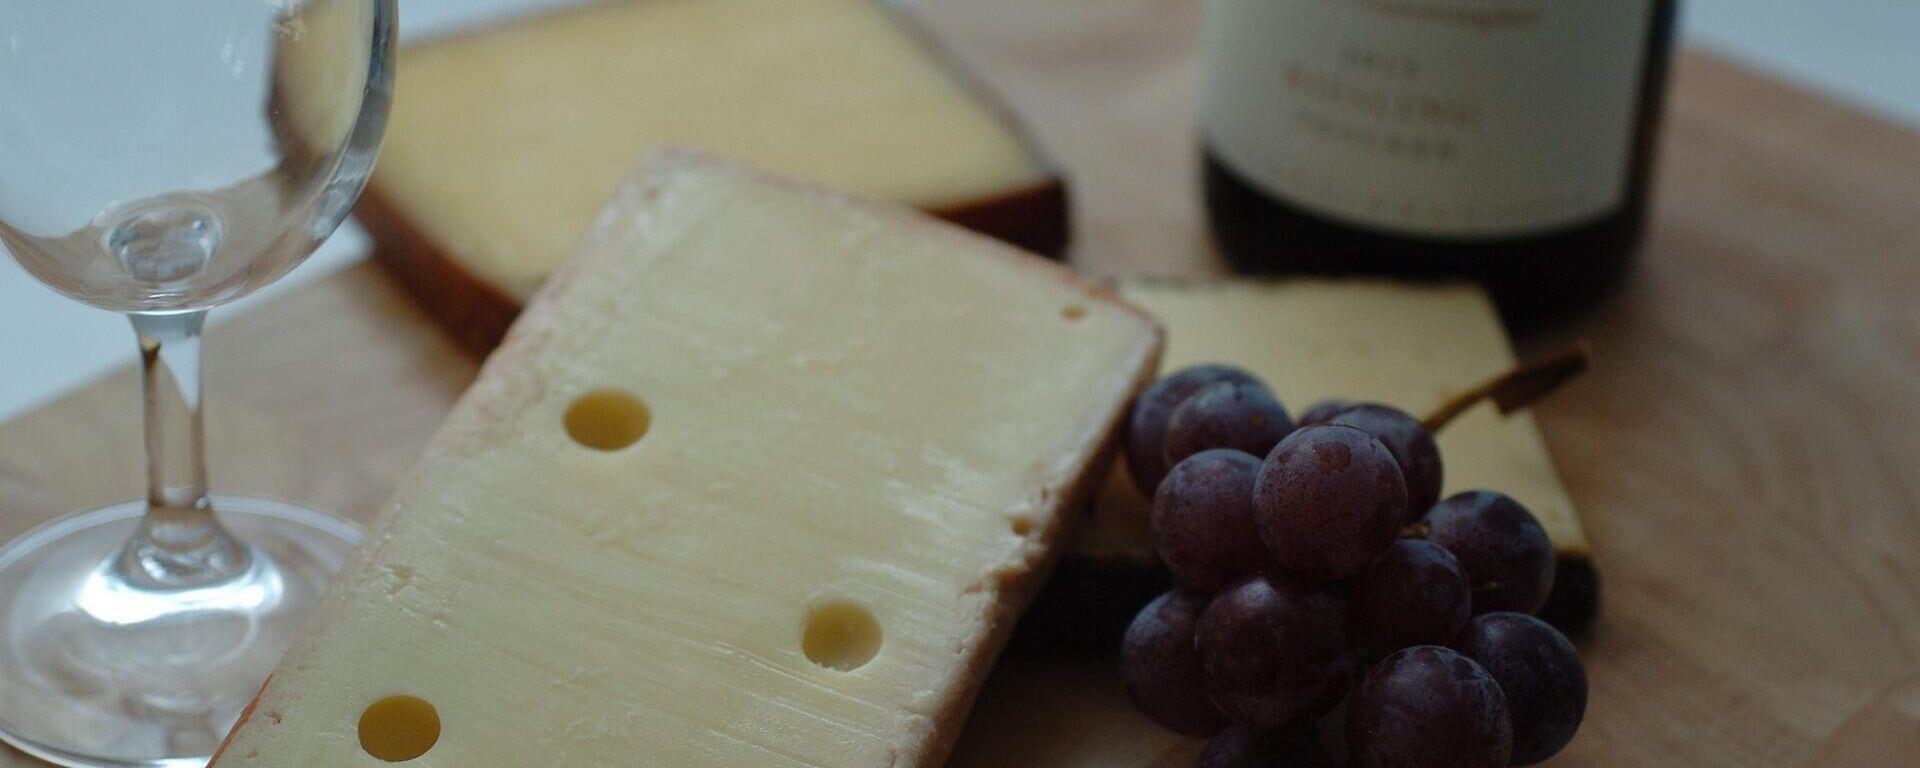 Käse, Wein und Trauben  - SNA, 1920, 12.12.2020